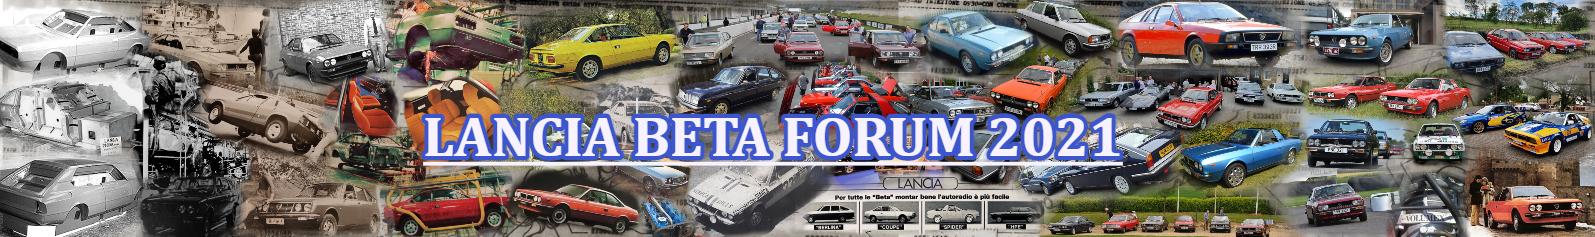 Lancia Beta Forum